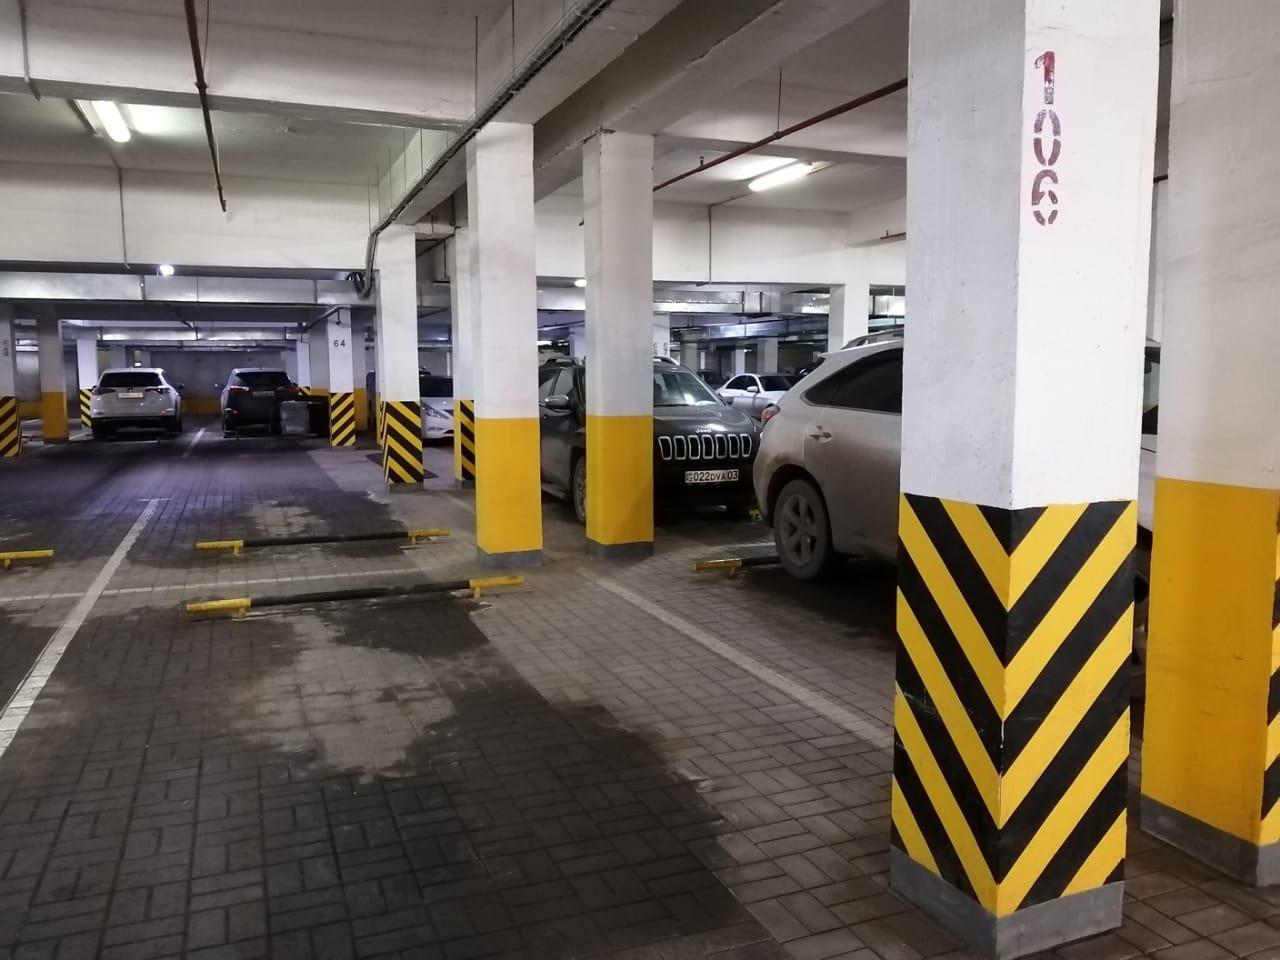 Объединение собственников имущества или что хочу, то ворочу? История как ОСИ пытается ликвидировать паркинг в жилом комплексе, несмотря на мнение жителей